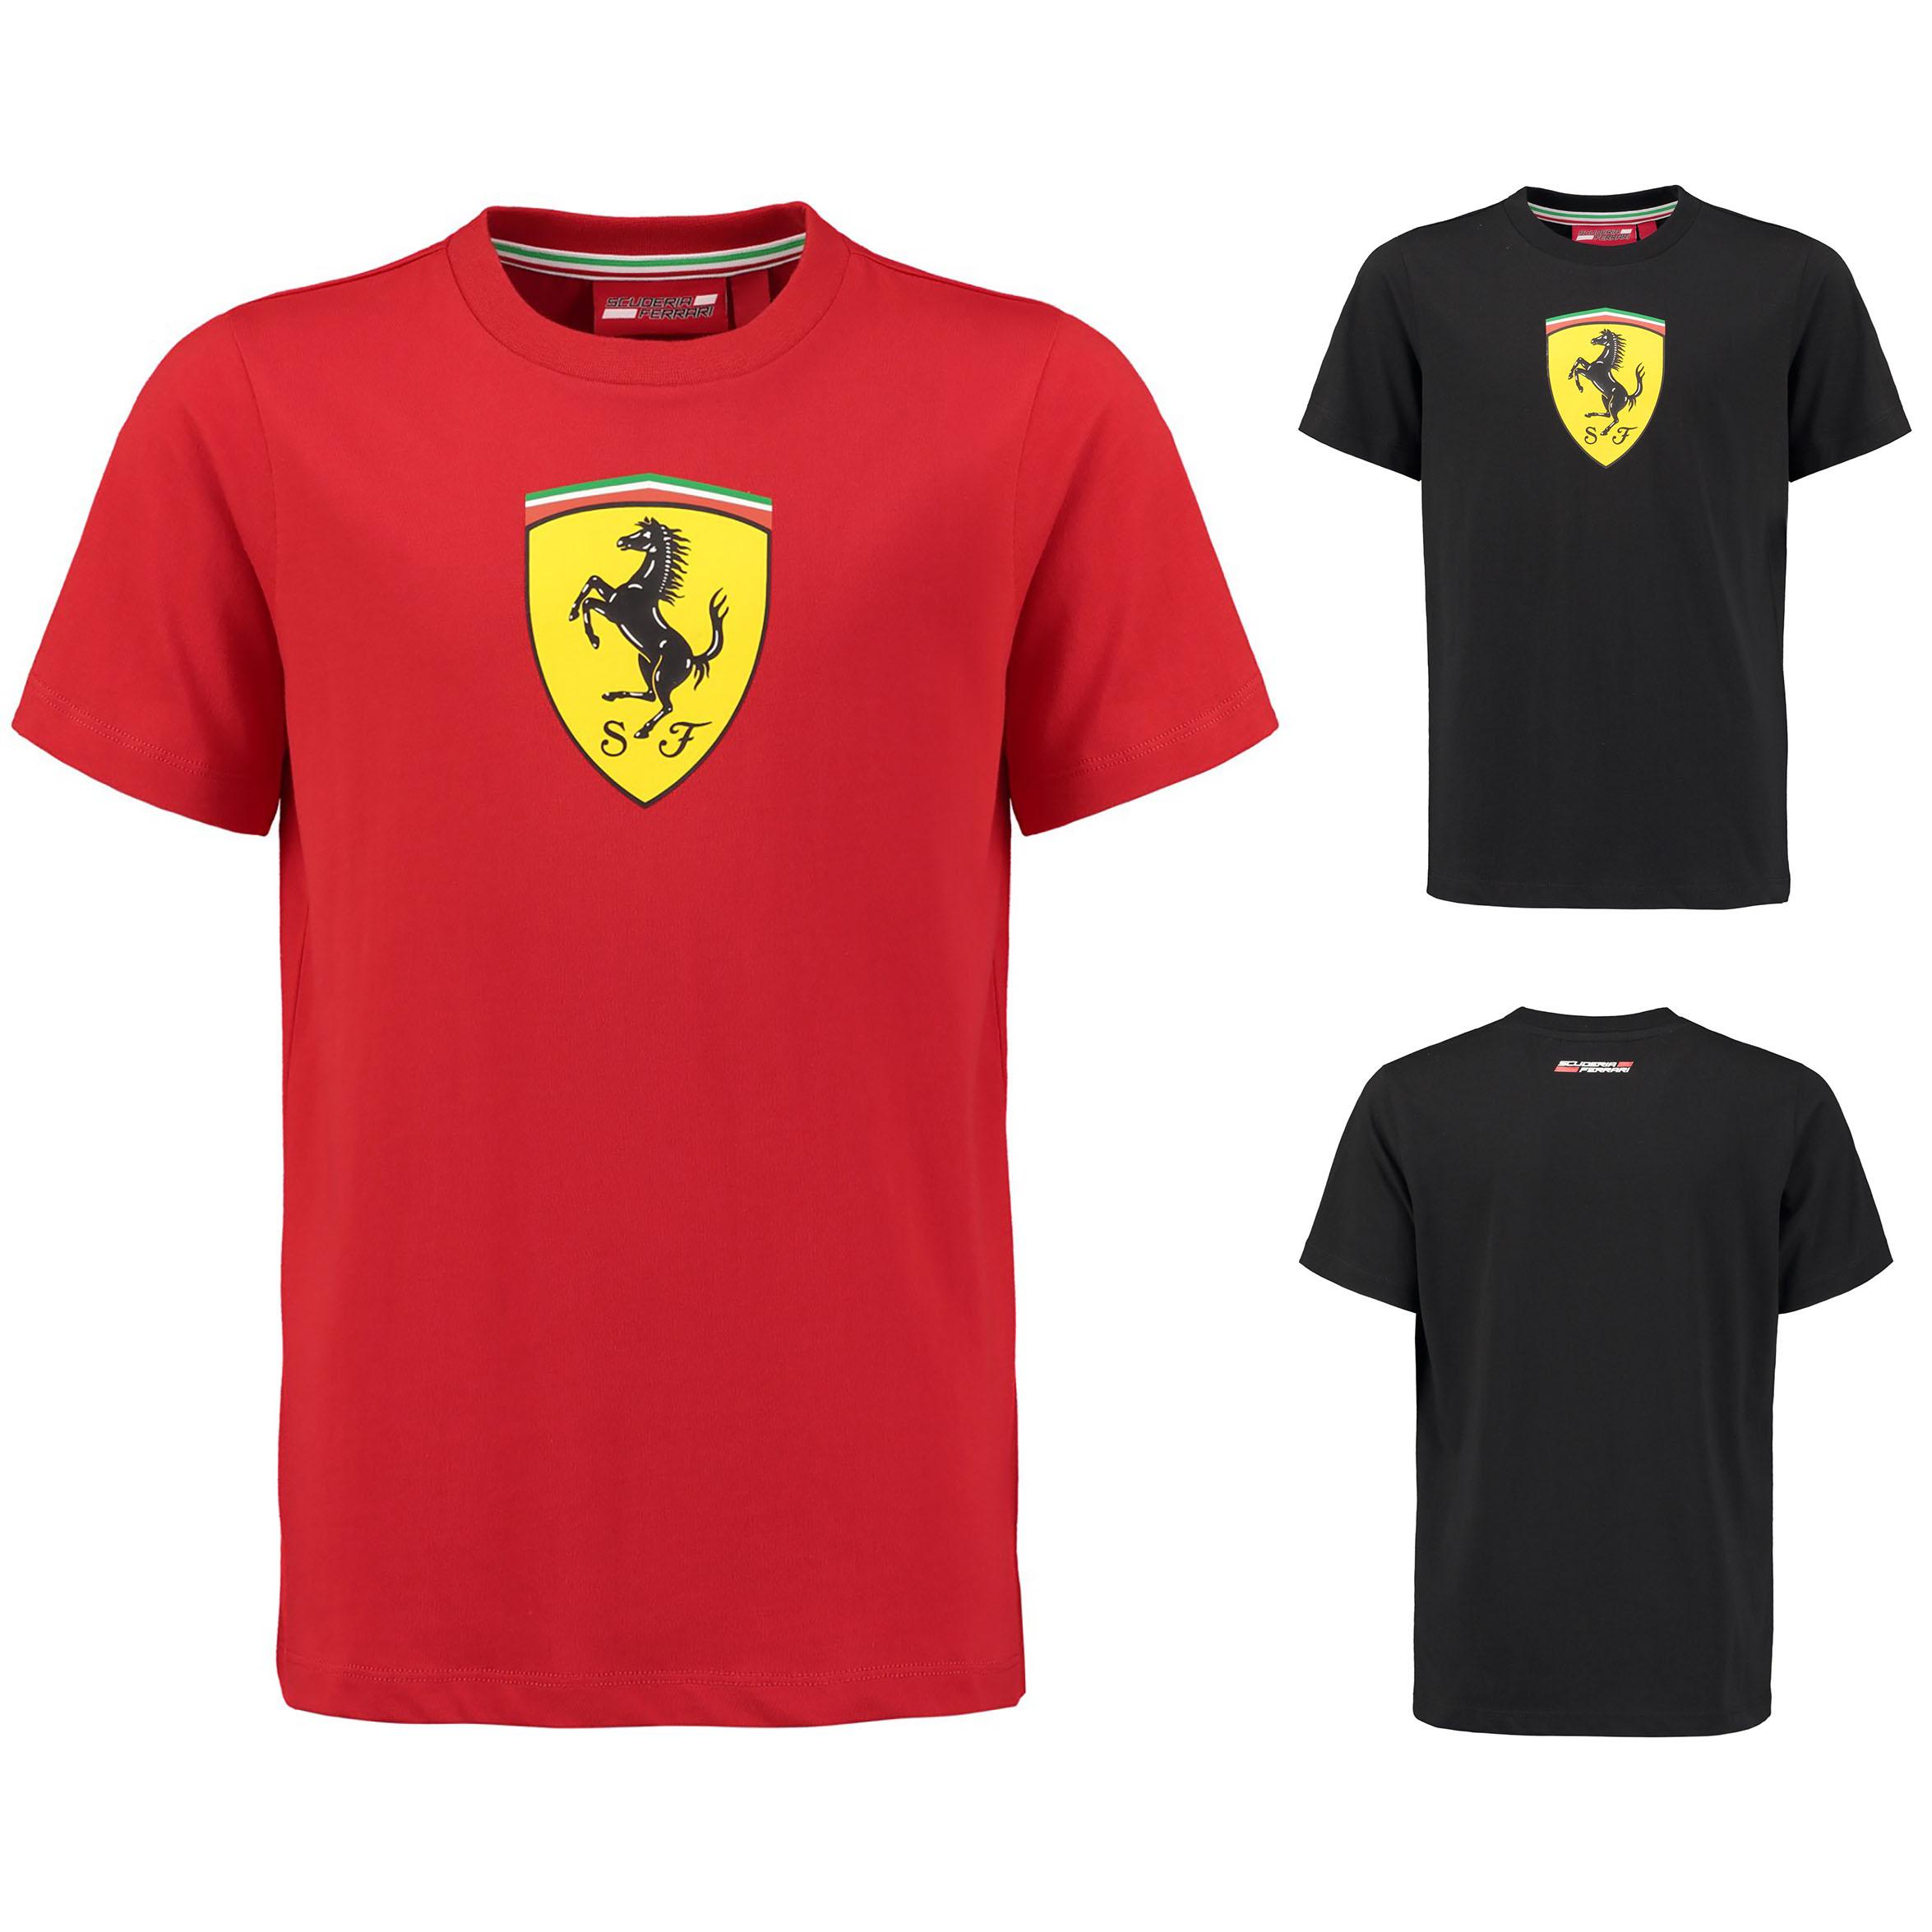 Red Ferrari Scuderia Kids Classic T-Shirt 2018